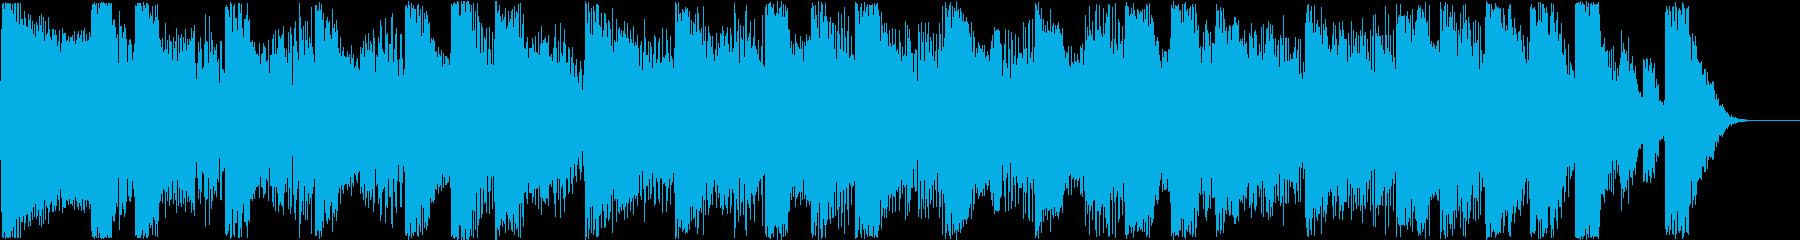 かわいいシンセのリズミカルな曲の再生済みの波形